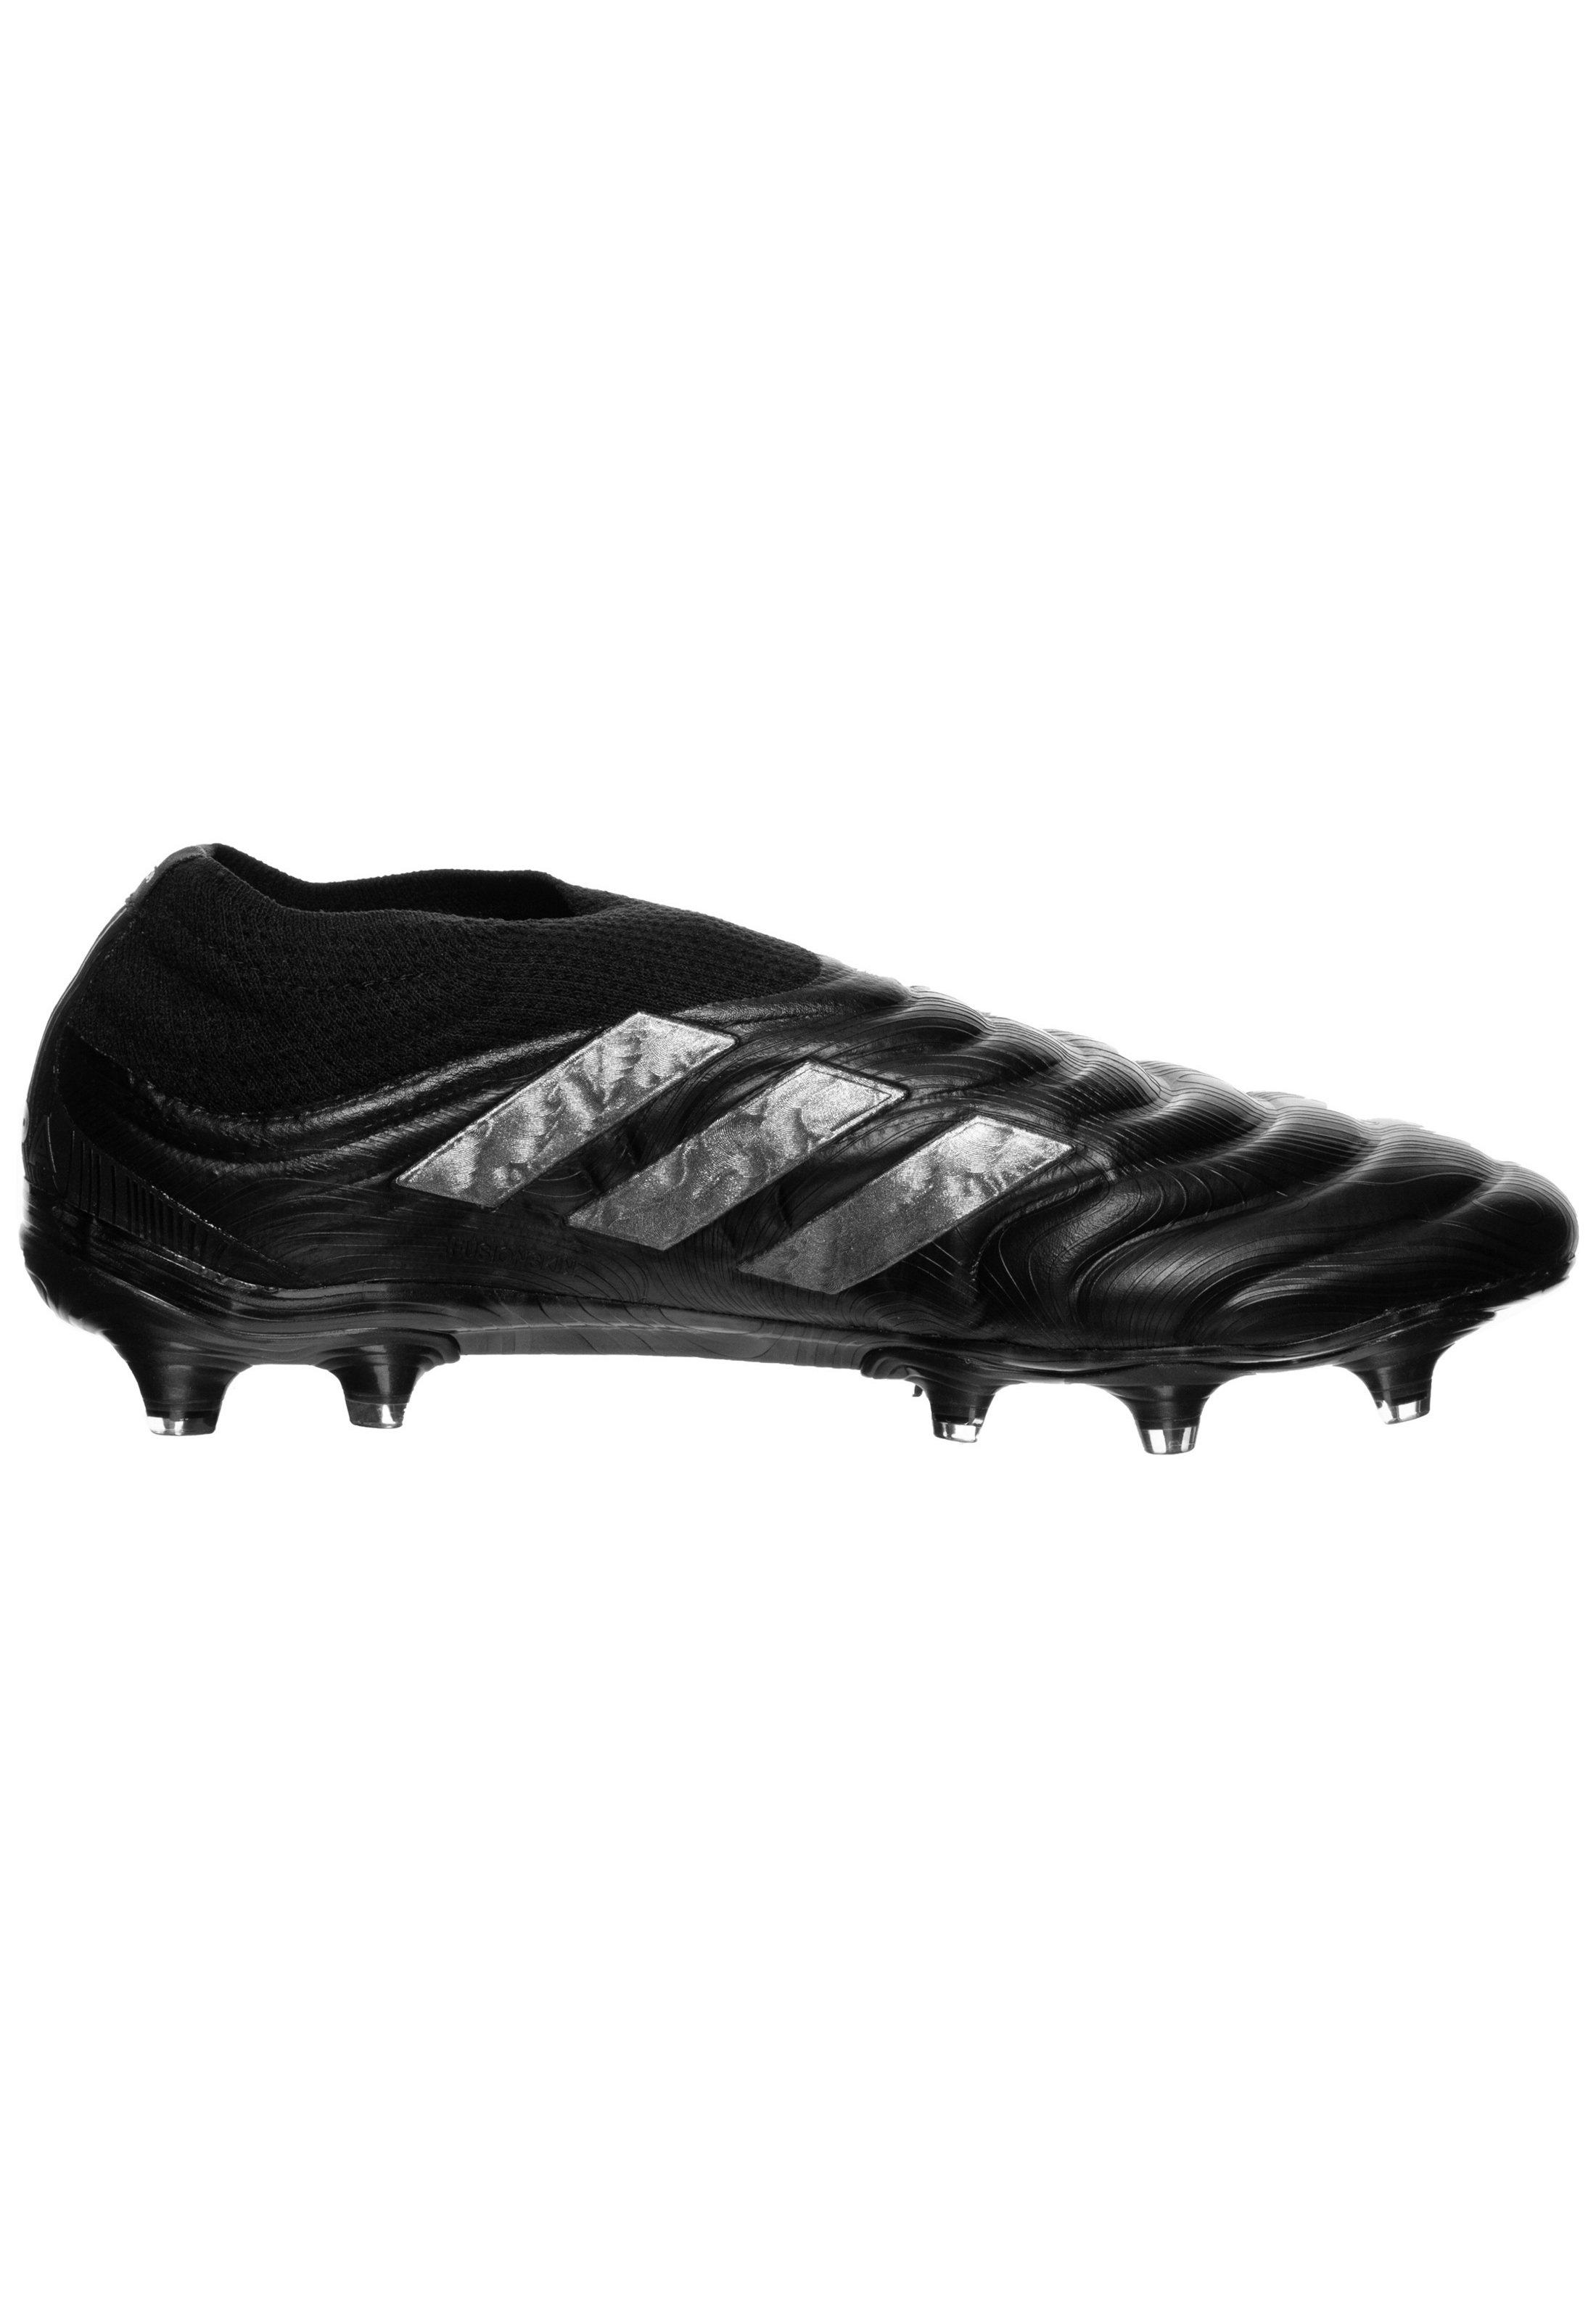 adidas Performance Fußballschuh Nocken - core black / night metallic/schwarz - Herrenschuhe l3d93